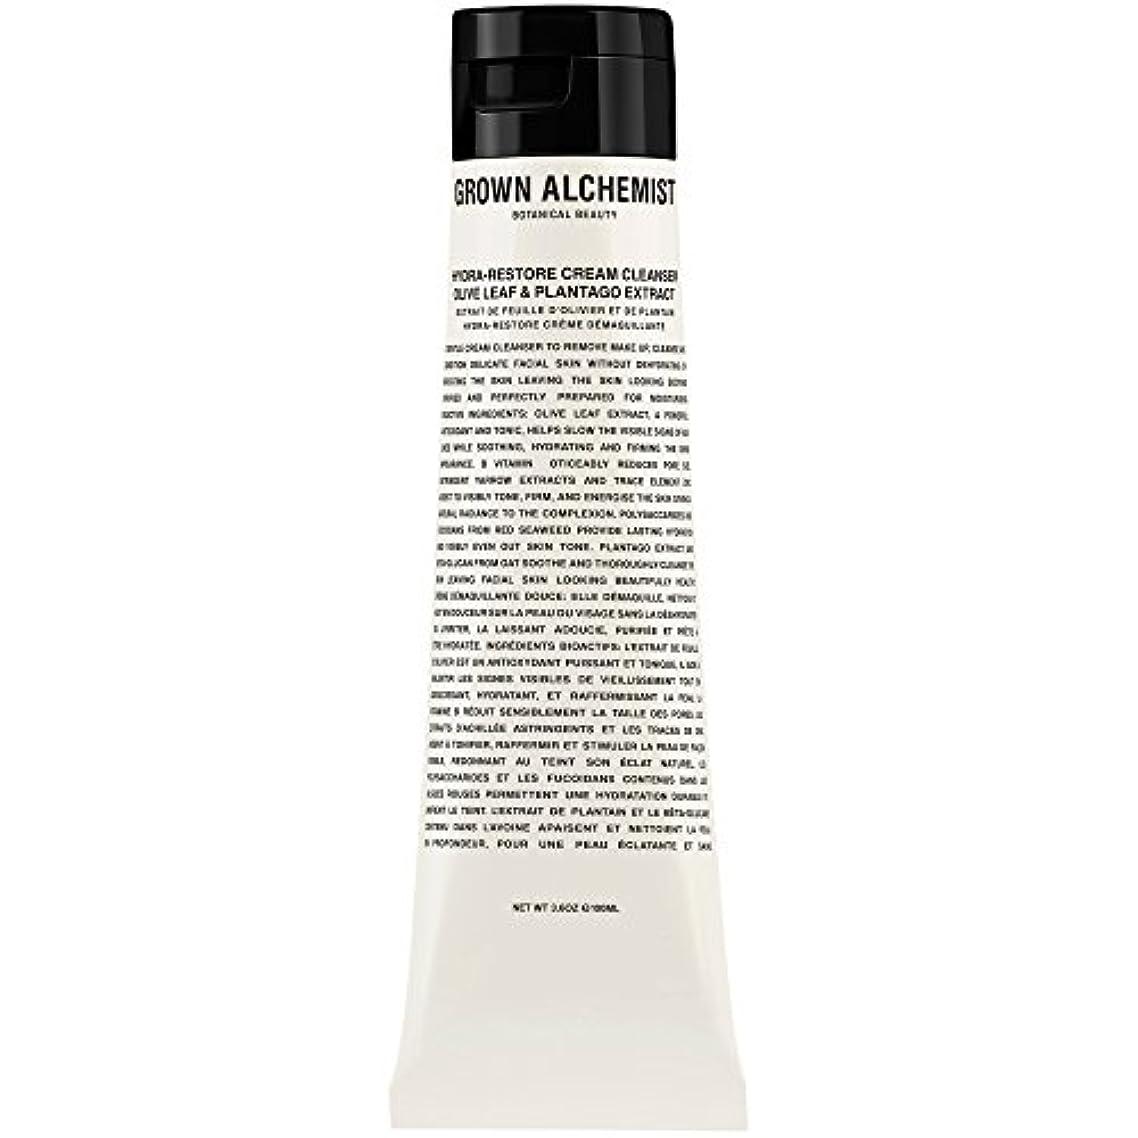 空白捕虜拍手オリーブの葉&Plantogoエキス、100ミリリットル:成長した錬金術師クリームクレンザーをヒドラ復元 (Grown Alchemist) - Grown Alchemist Hydra-Restore Cream Cleanser...